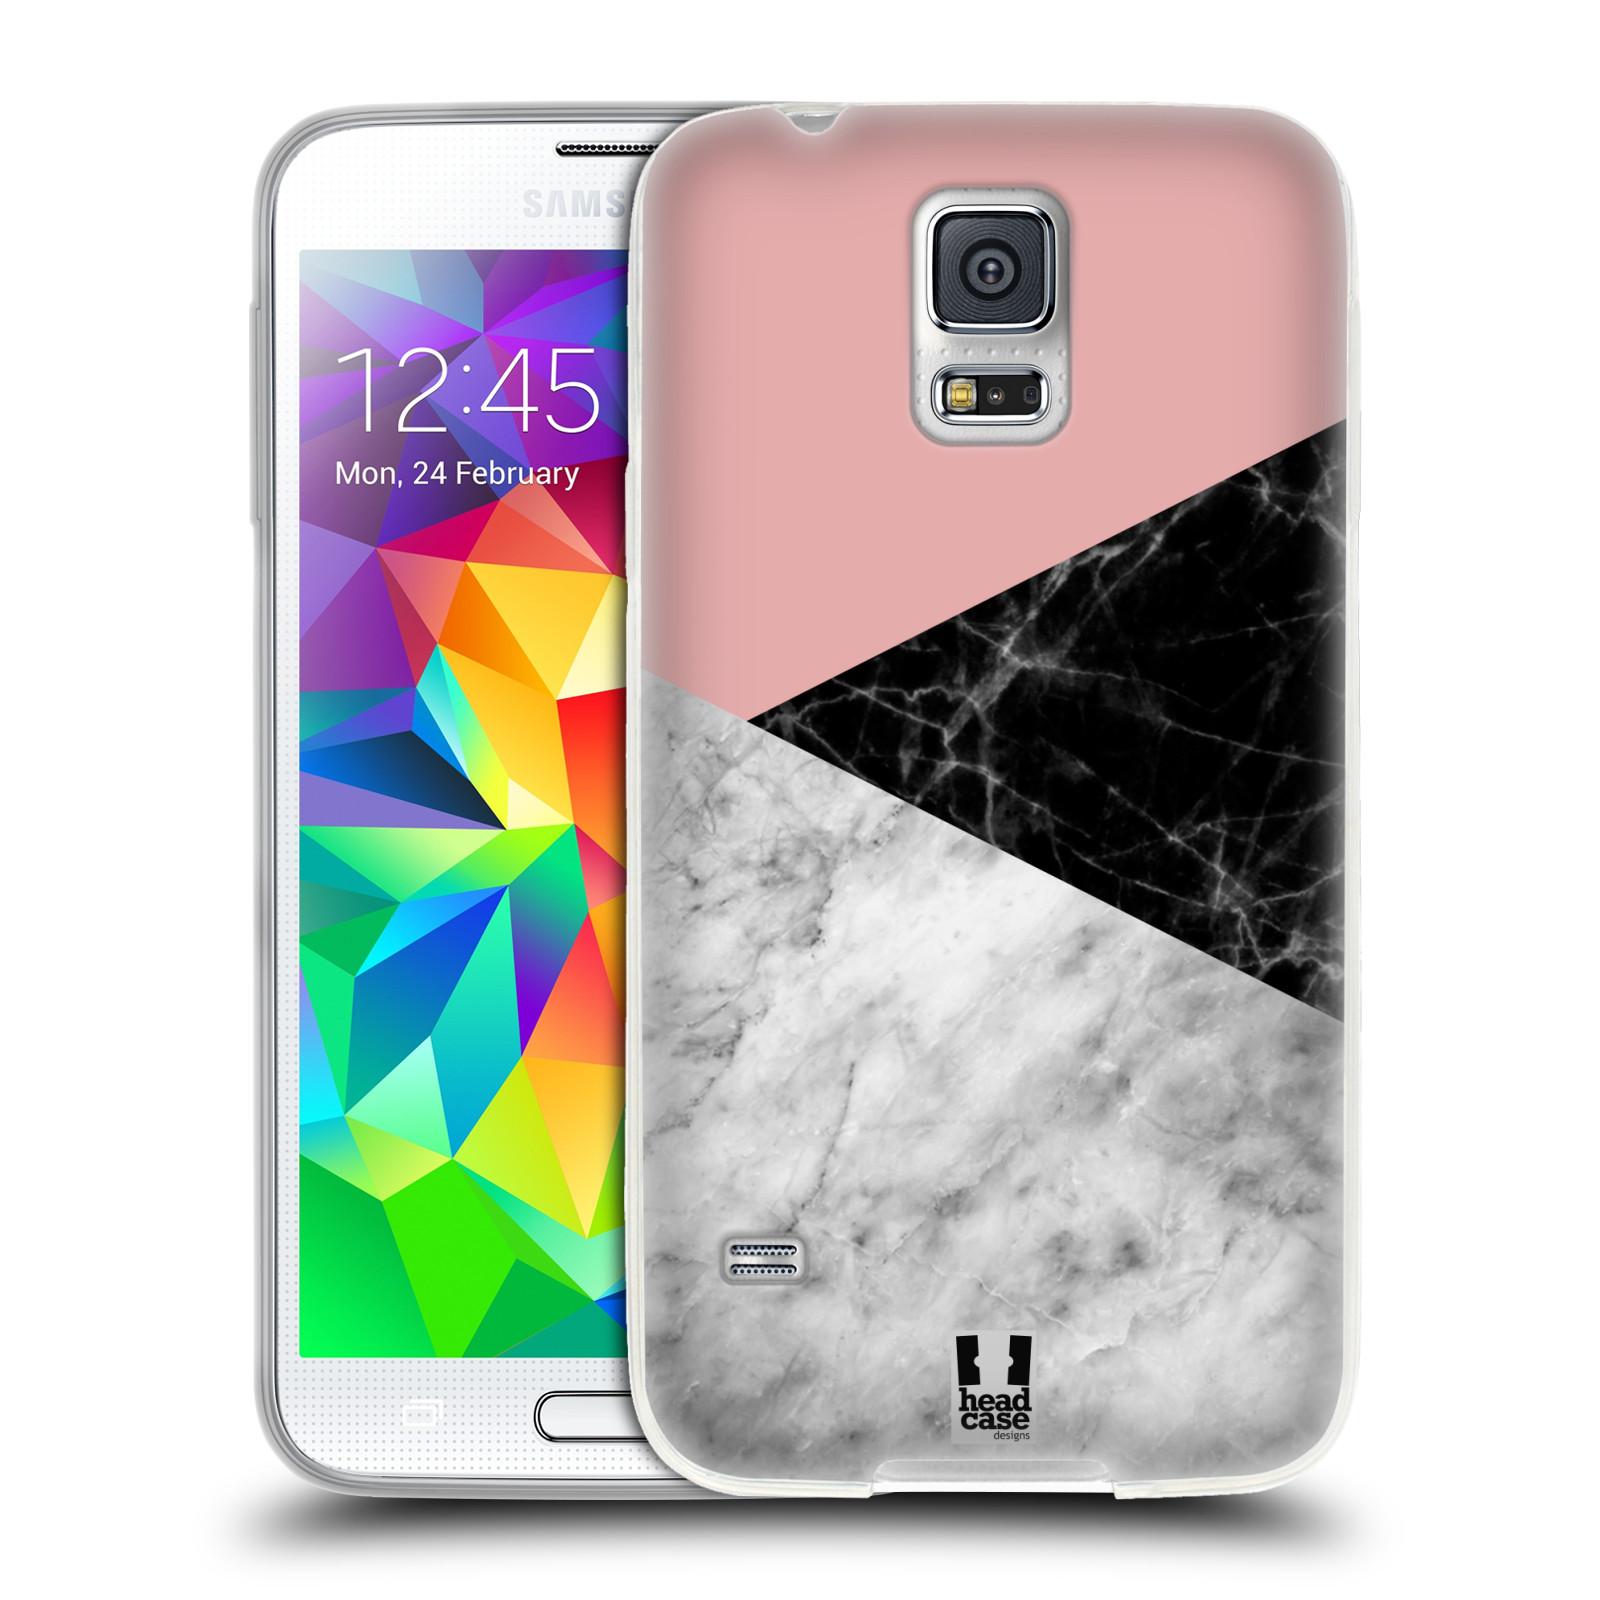 Silikonové pouzdro na mobil Samsung Galaxy S5 Neo - Head Case - Mramor mix